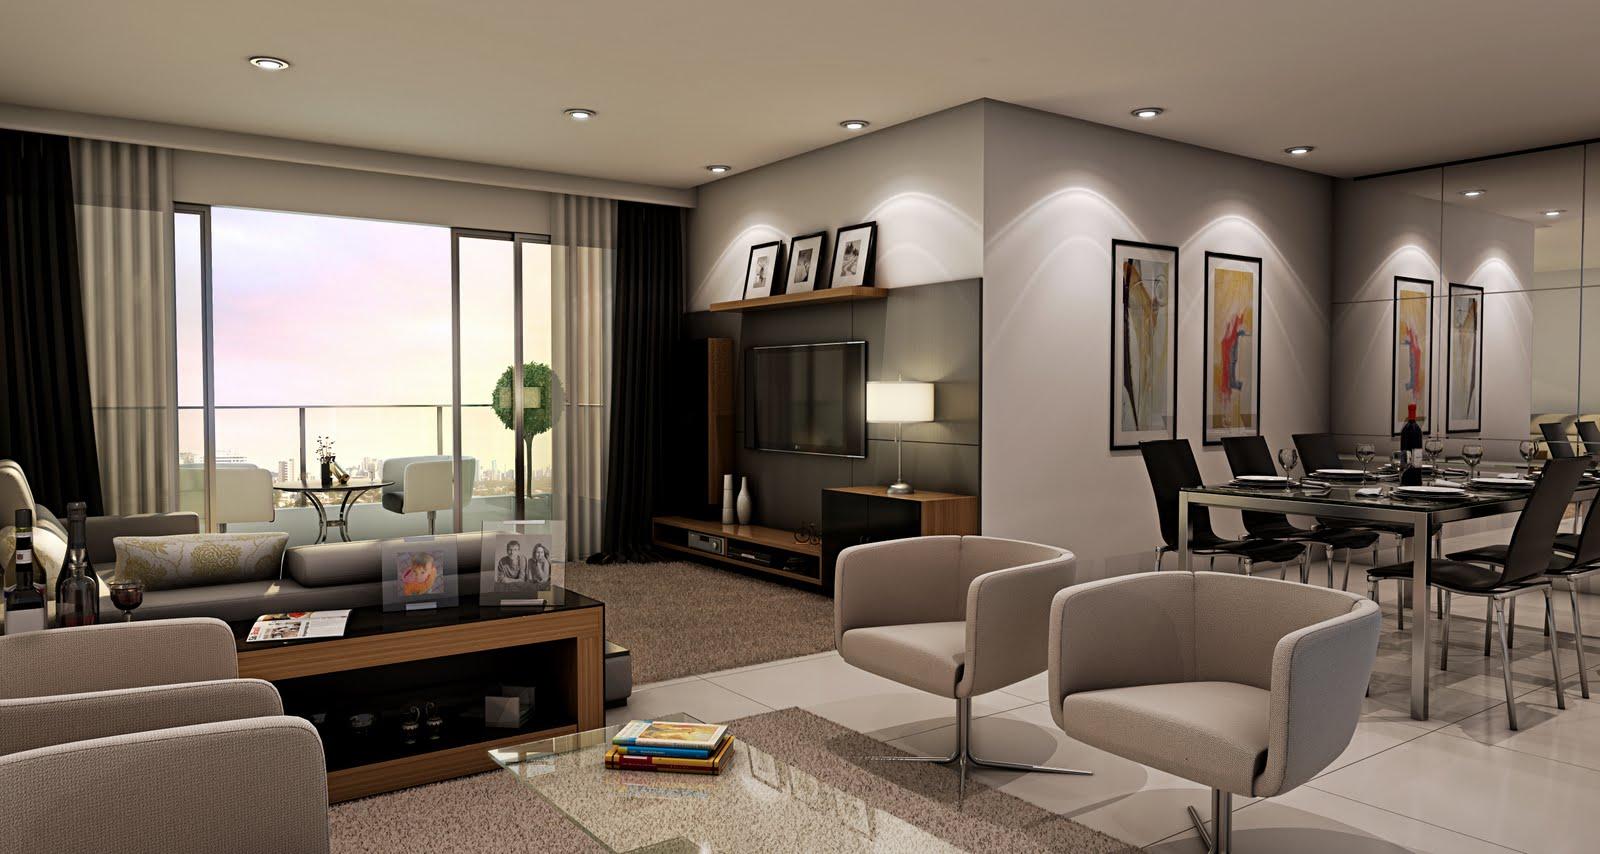 Sala De Estar Bege ~ Apartamento amplo integrando sala de estar, sala de jantar e varanda